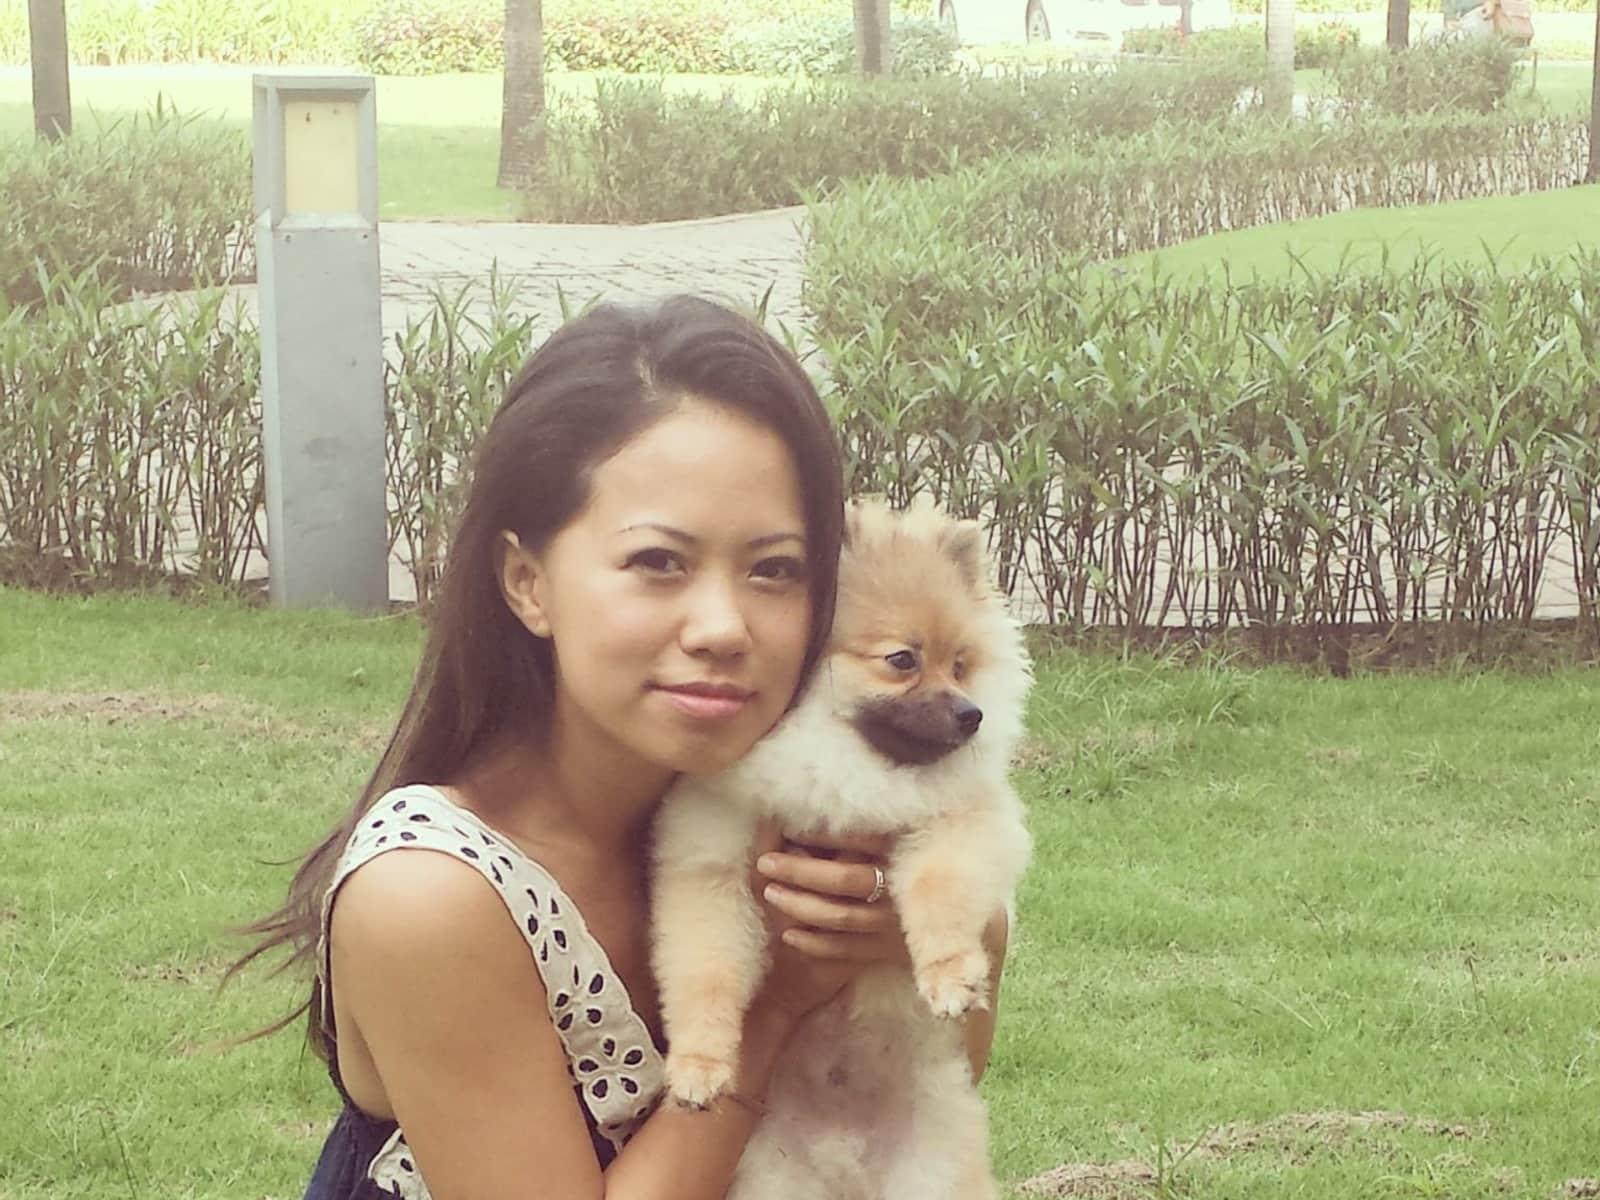 Lyna & Paul from Ho Chi Minh City, Vietnam